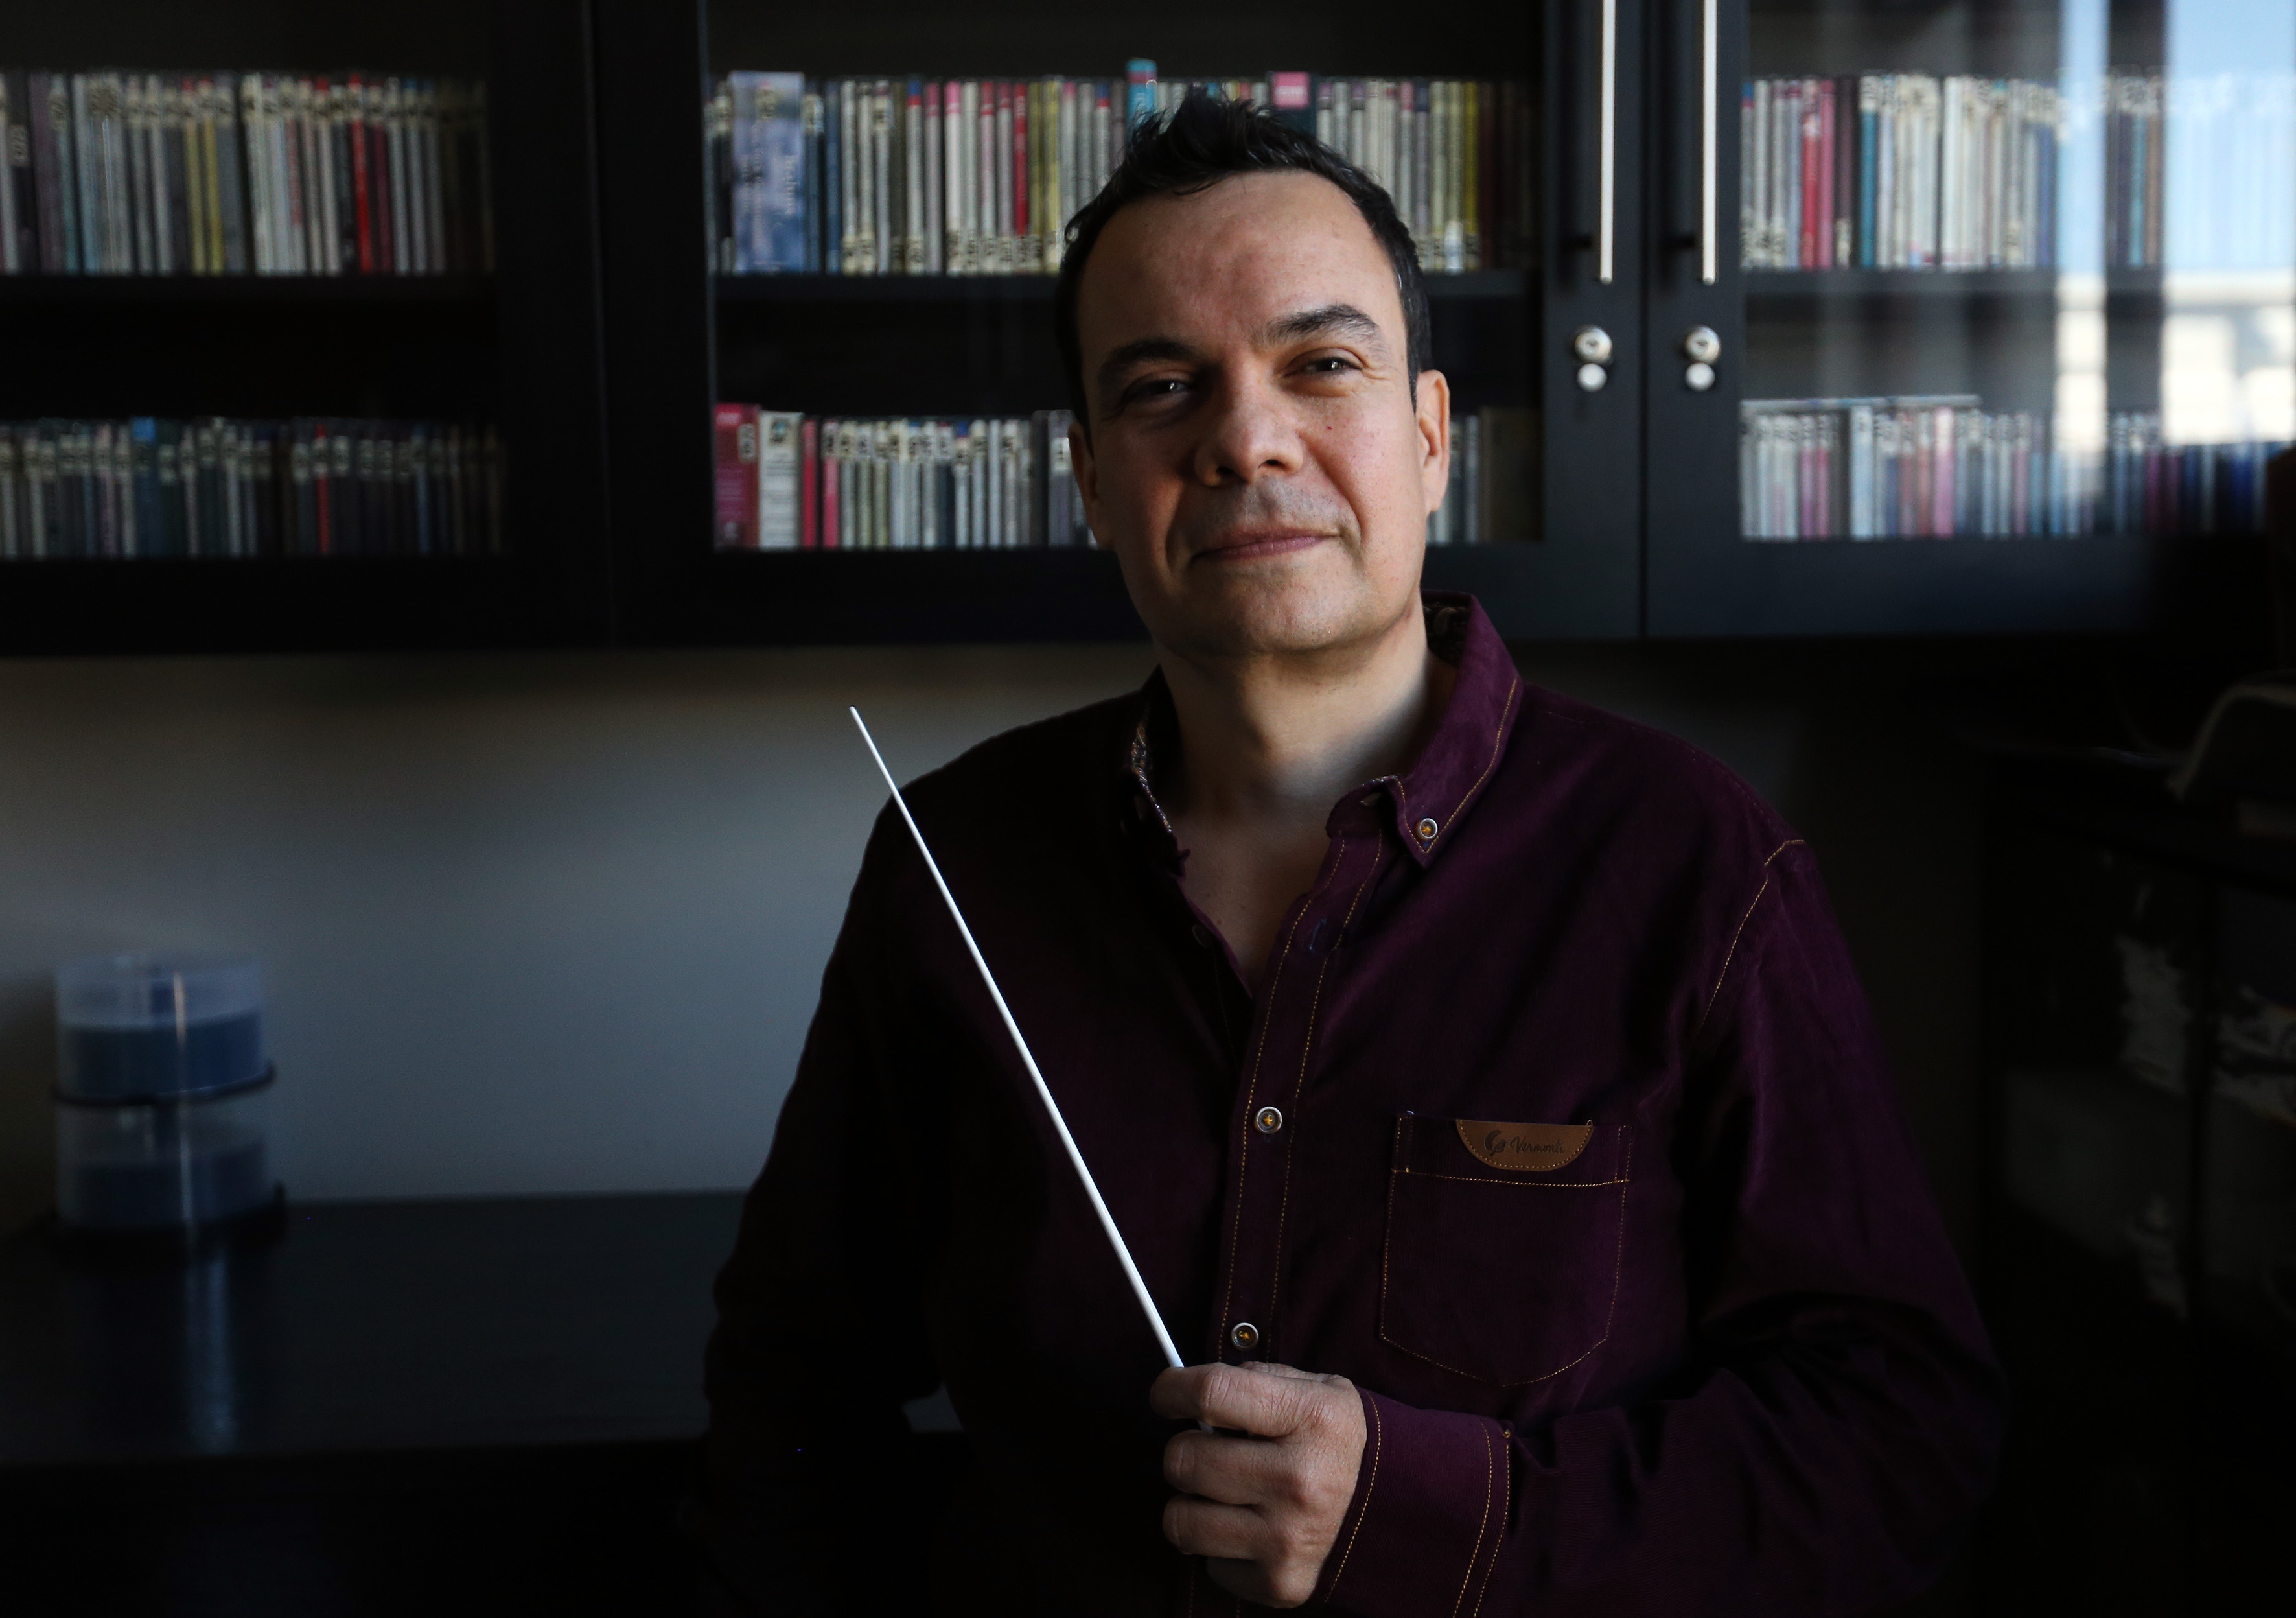 Director de Orquesta posando para la foto